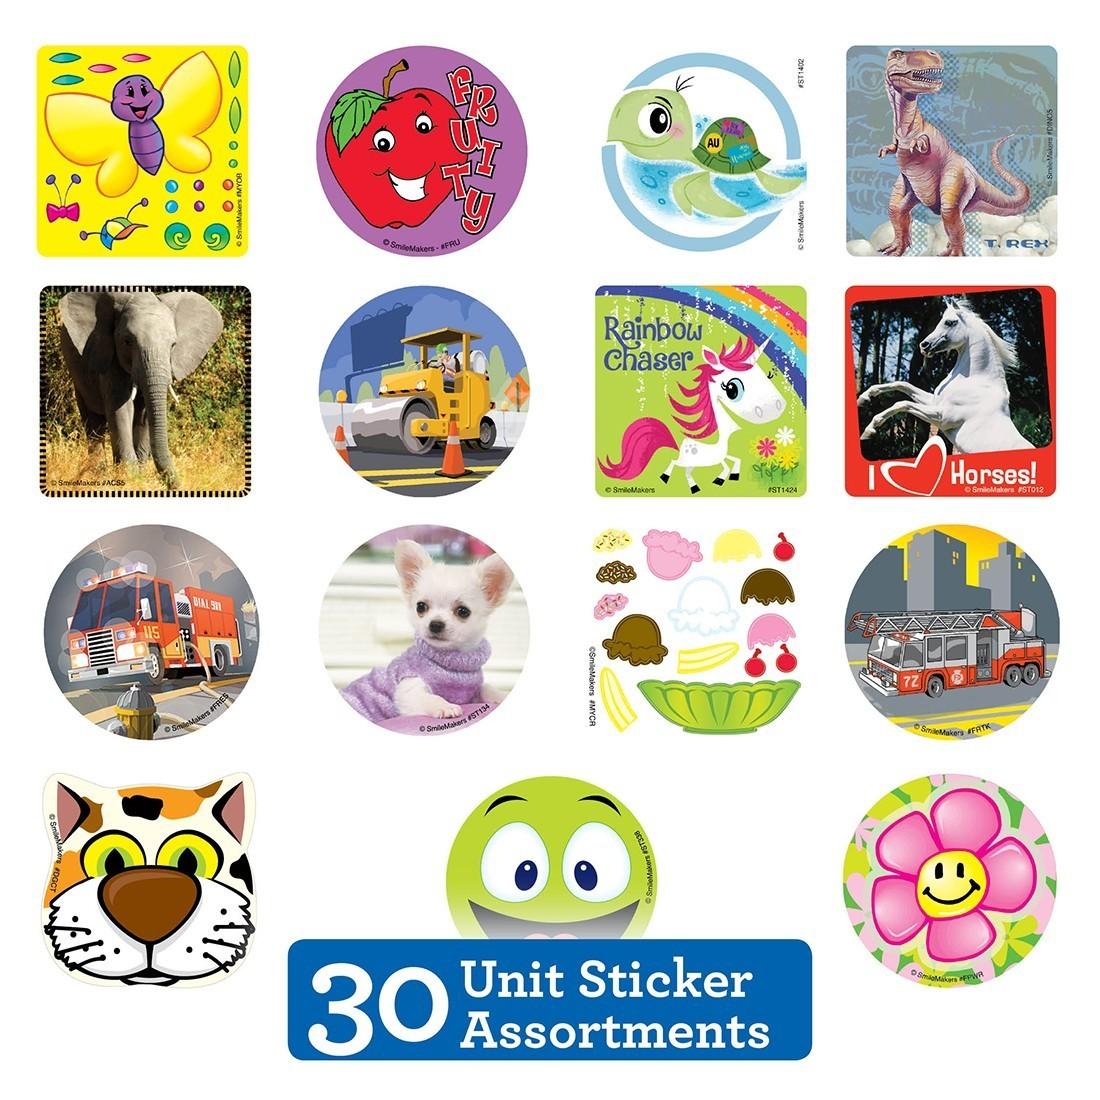 30 Unit Sticker Sampler                            [image]